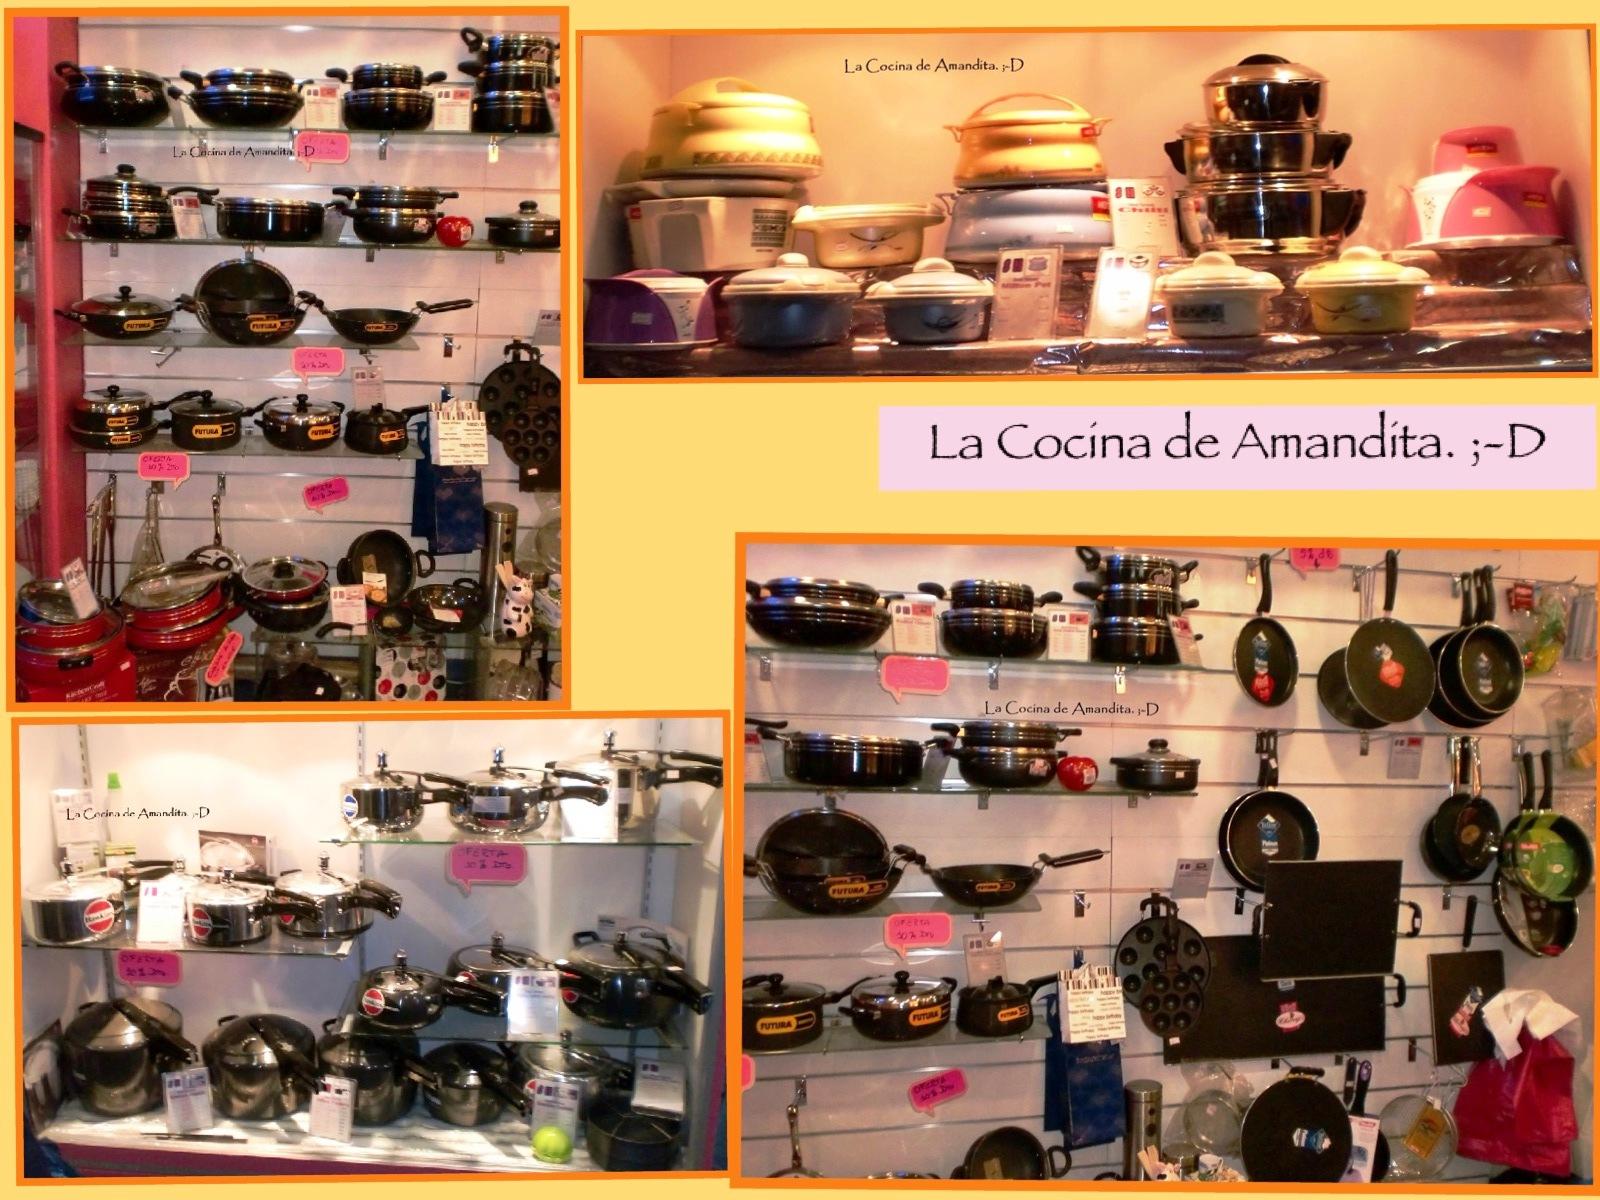 La cocina de amandita d sweet harmony y curso de cocina - Curso de cocina las palmas ...